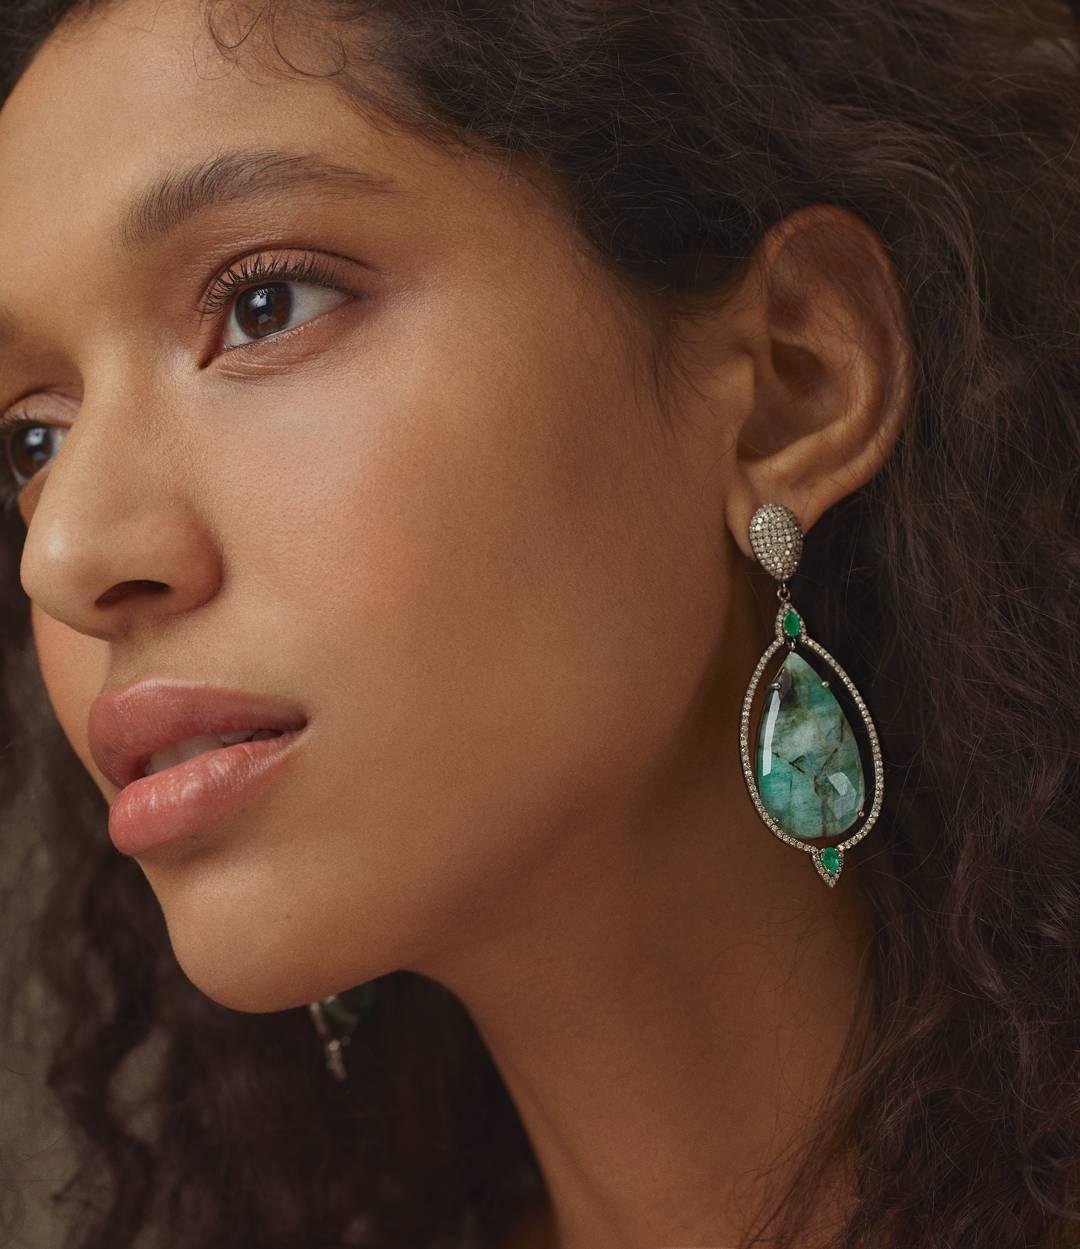 Nhờ những sản phẩm này mà ngay cả khi makeup liên tục, các người mẫu vẫn có làn da đẹp đáng ghen tị - Ảnh 4.